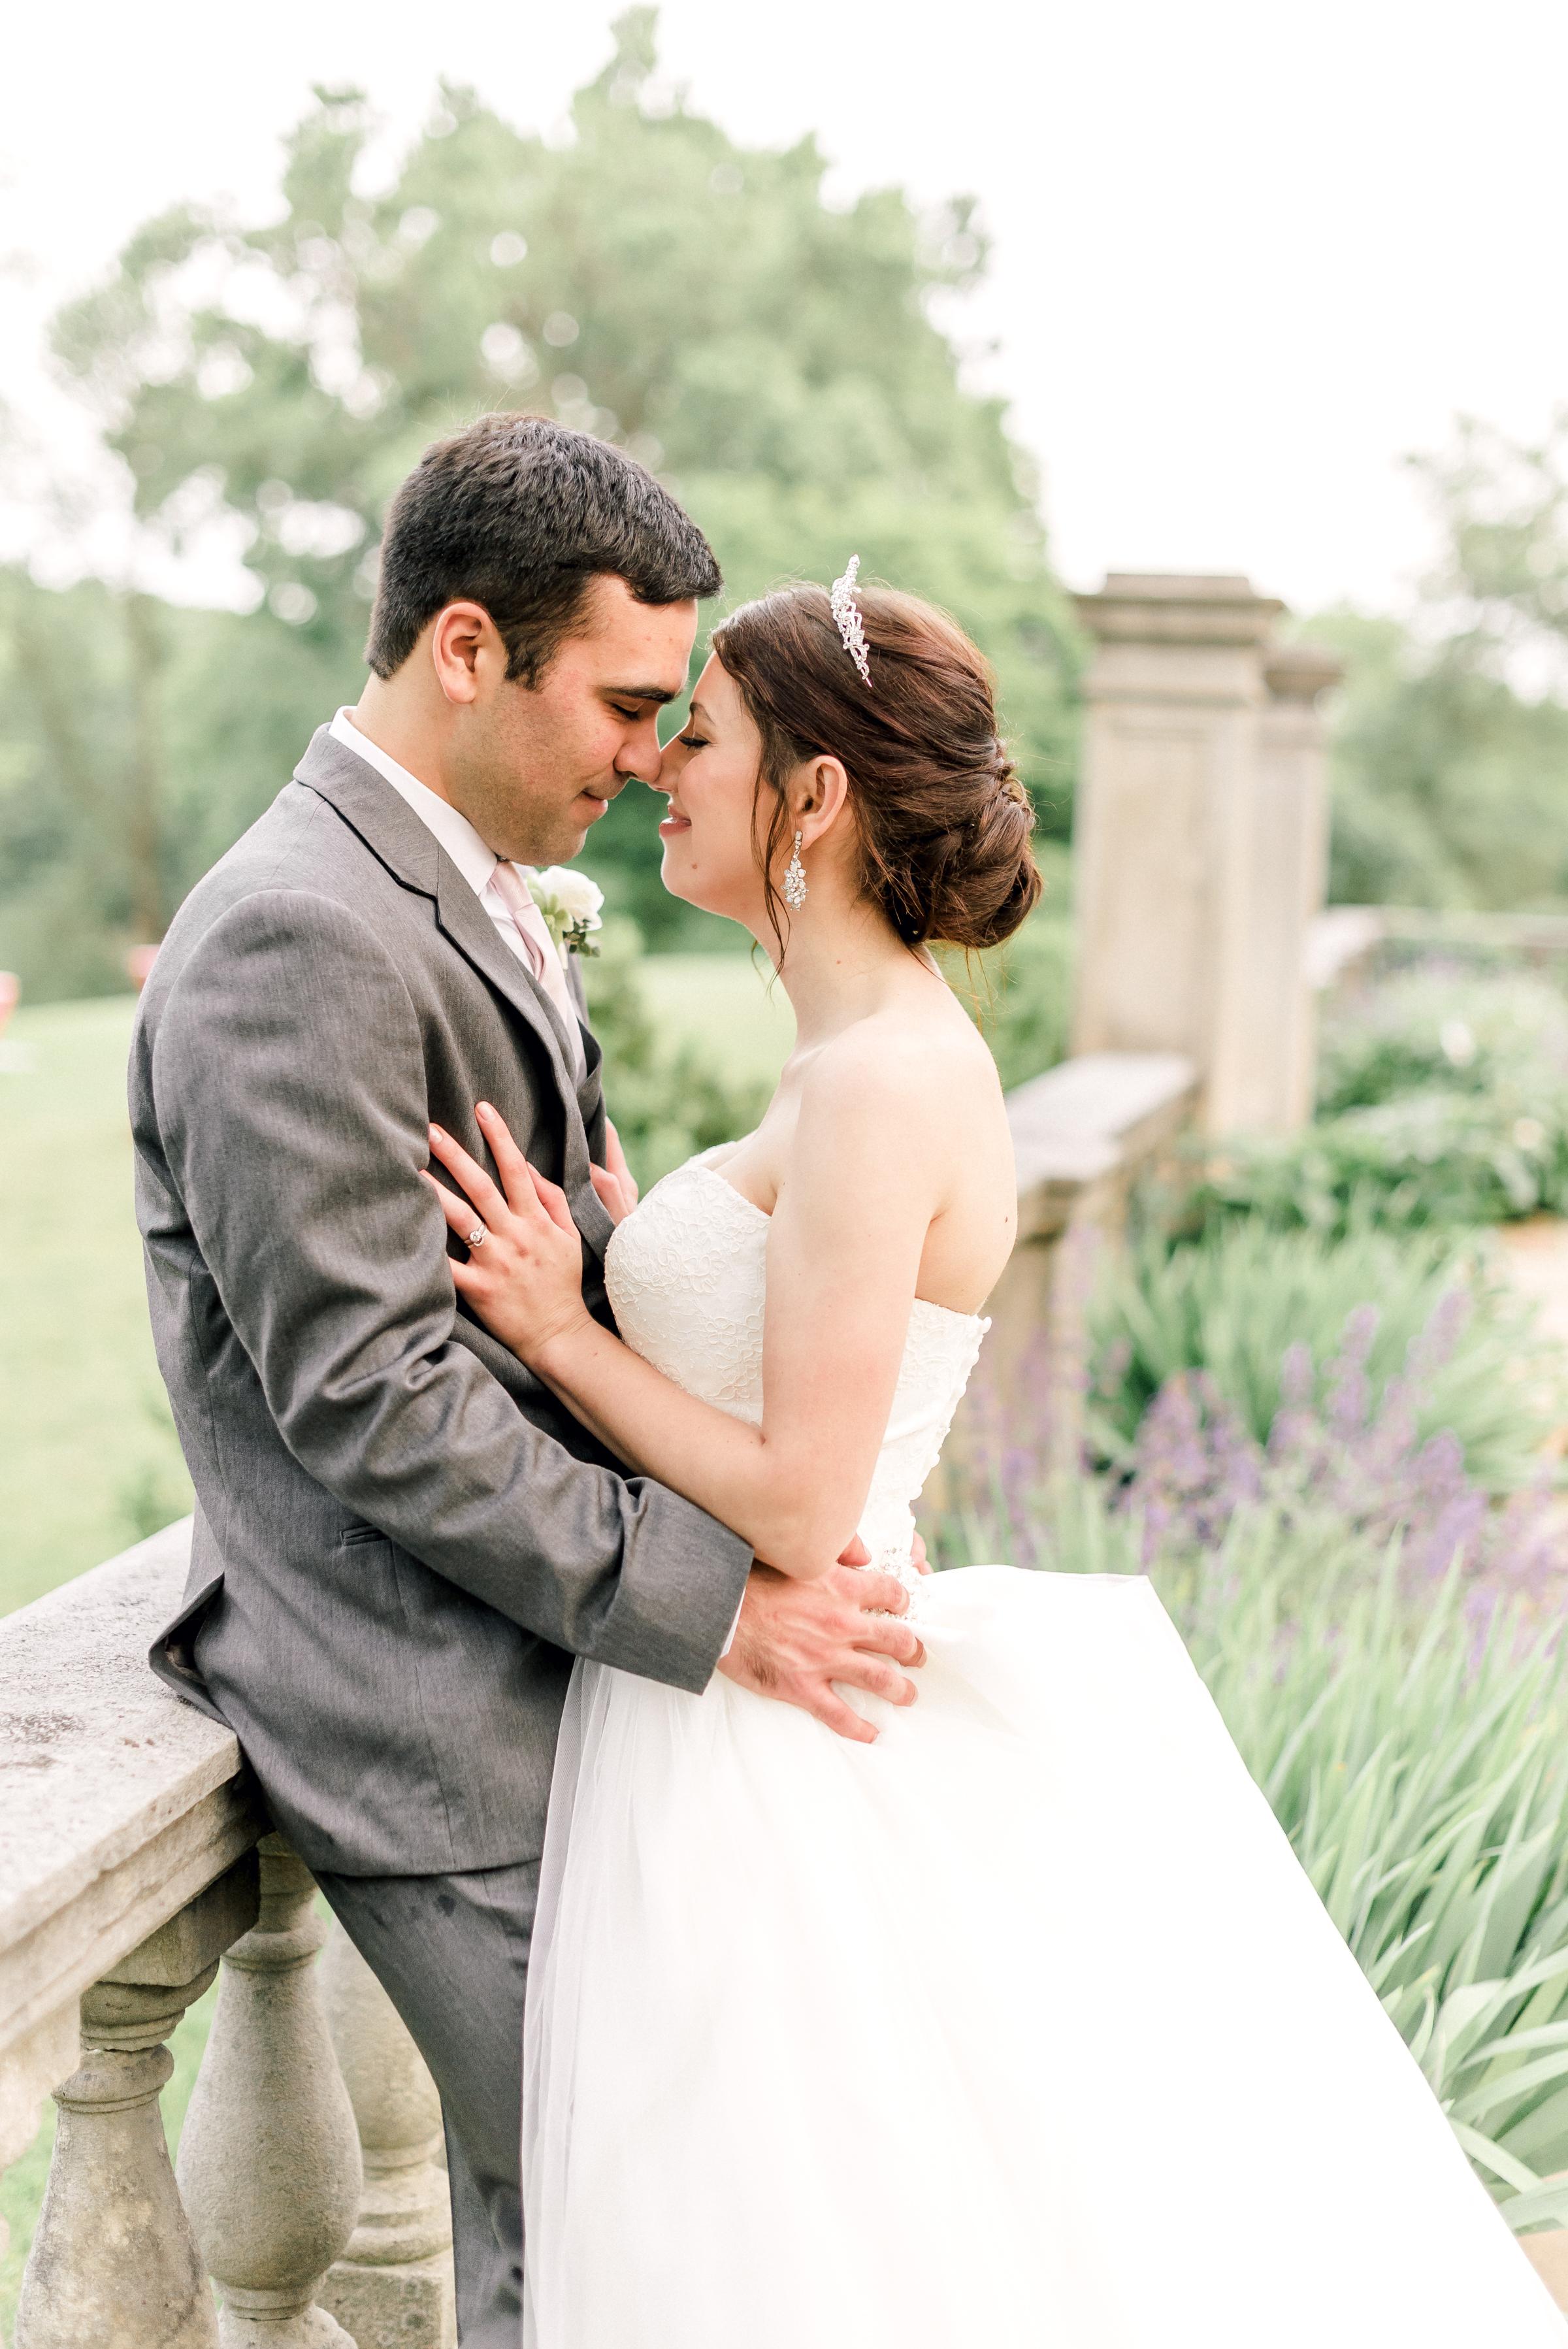 pittsburgh-wedding-photographer-hartwood-acres-0054.jpg